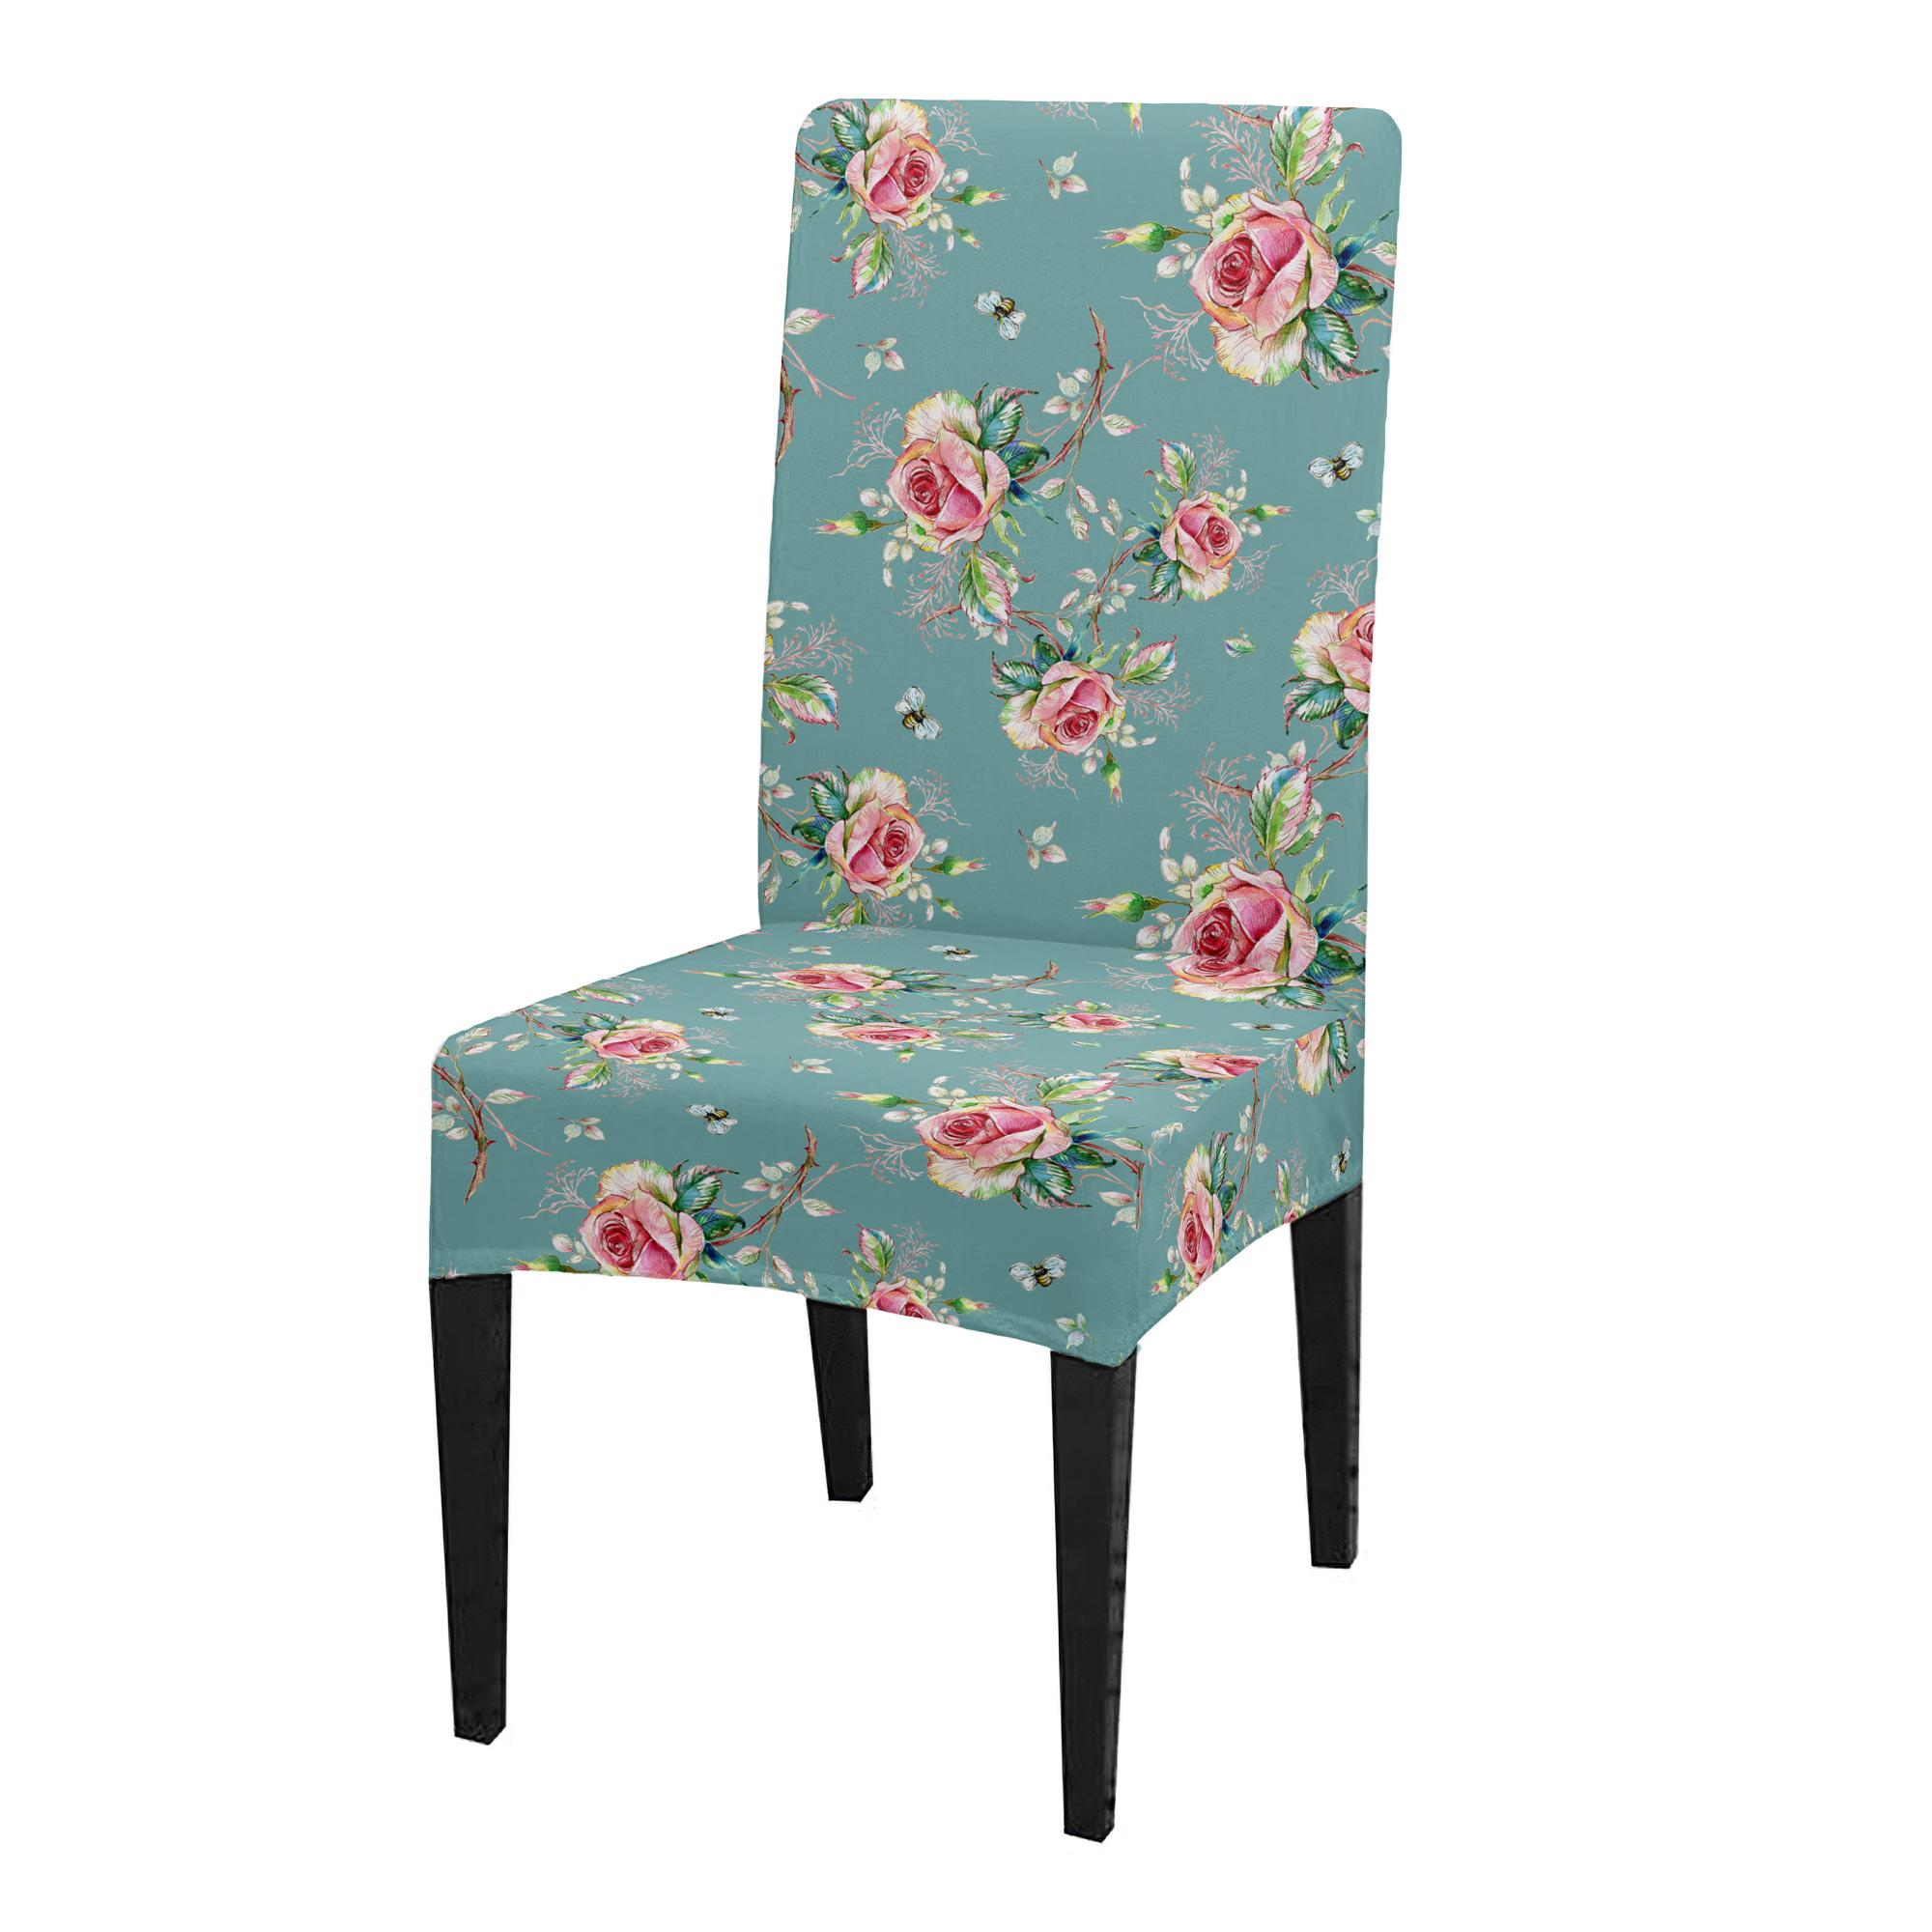 Сирень ЧХТР080 18239 Чехол на стул, универсальный,